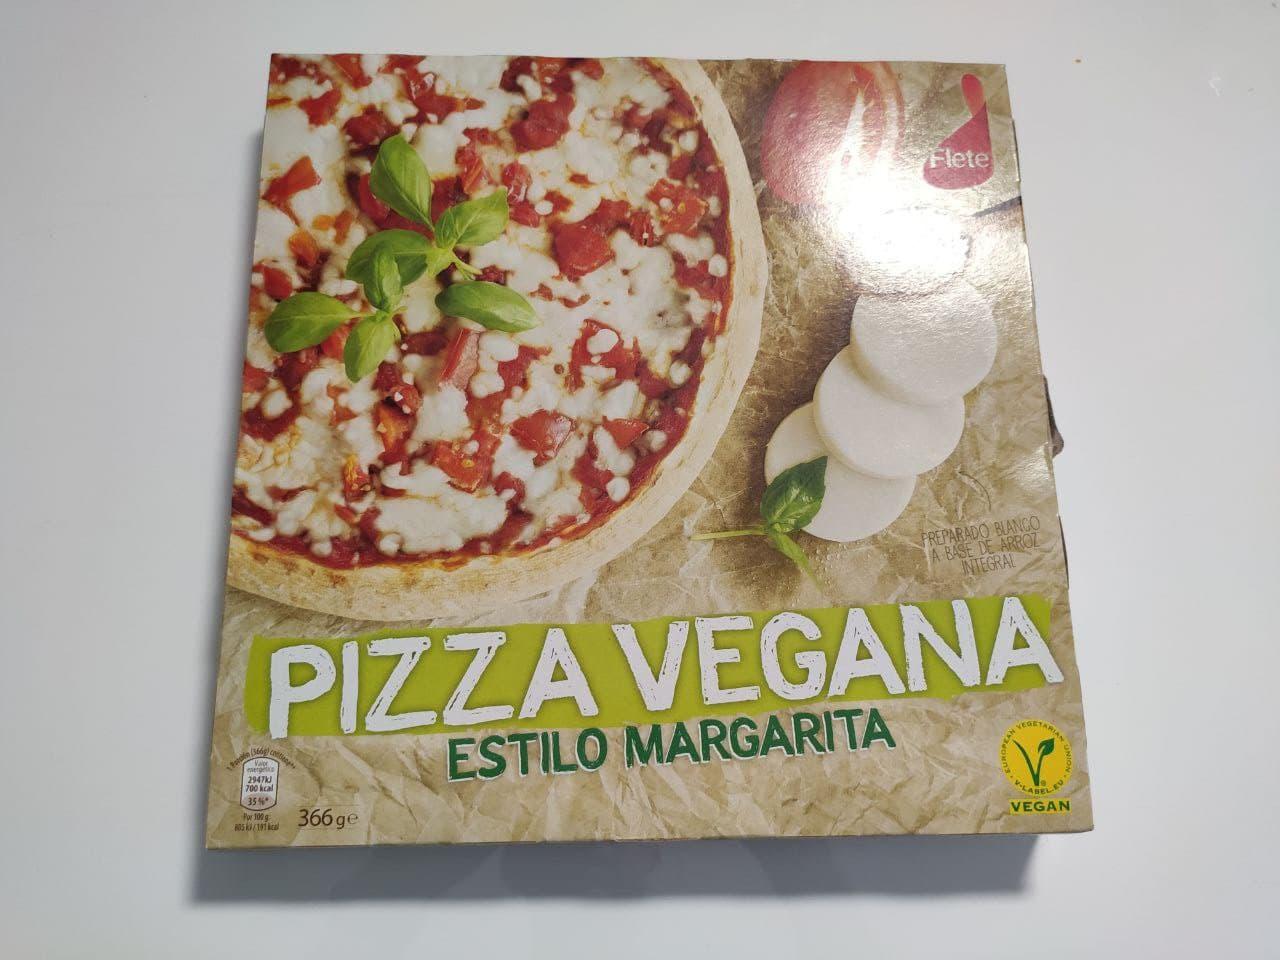 pizza_vegana_aldi.jpg